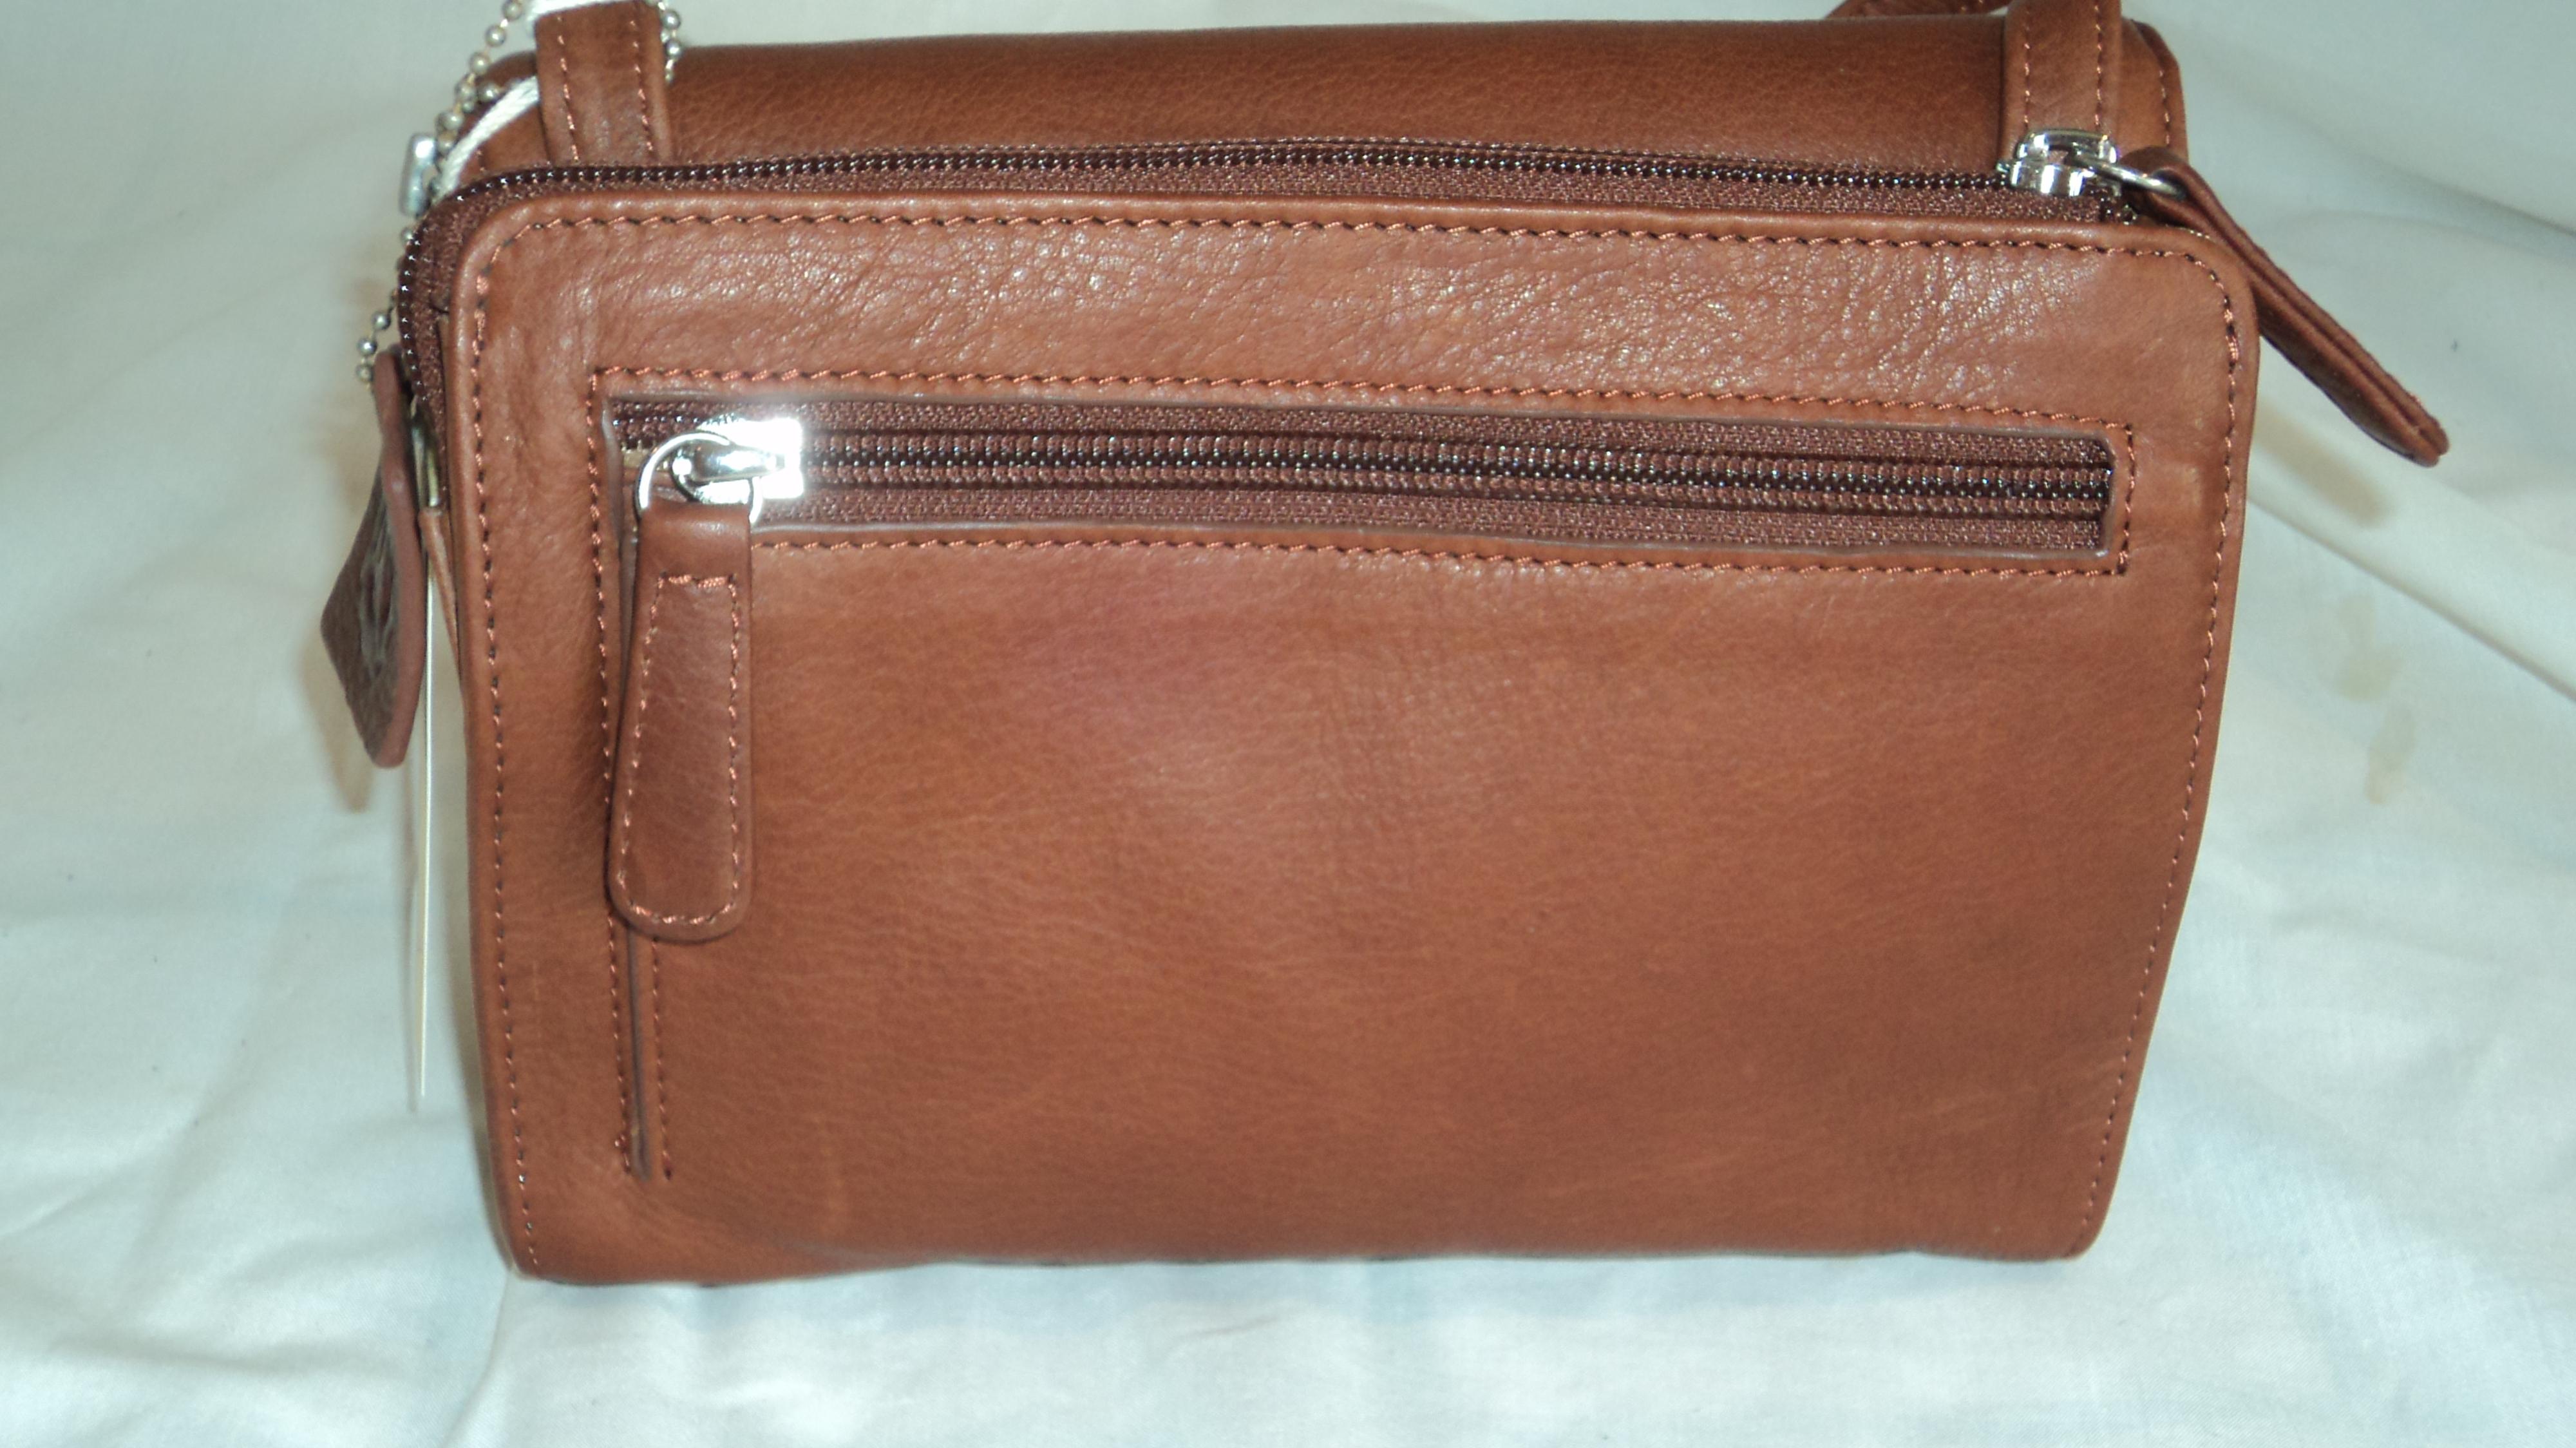 Osgoode Marley 4618 Leather Organizer Shoulder Handbag